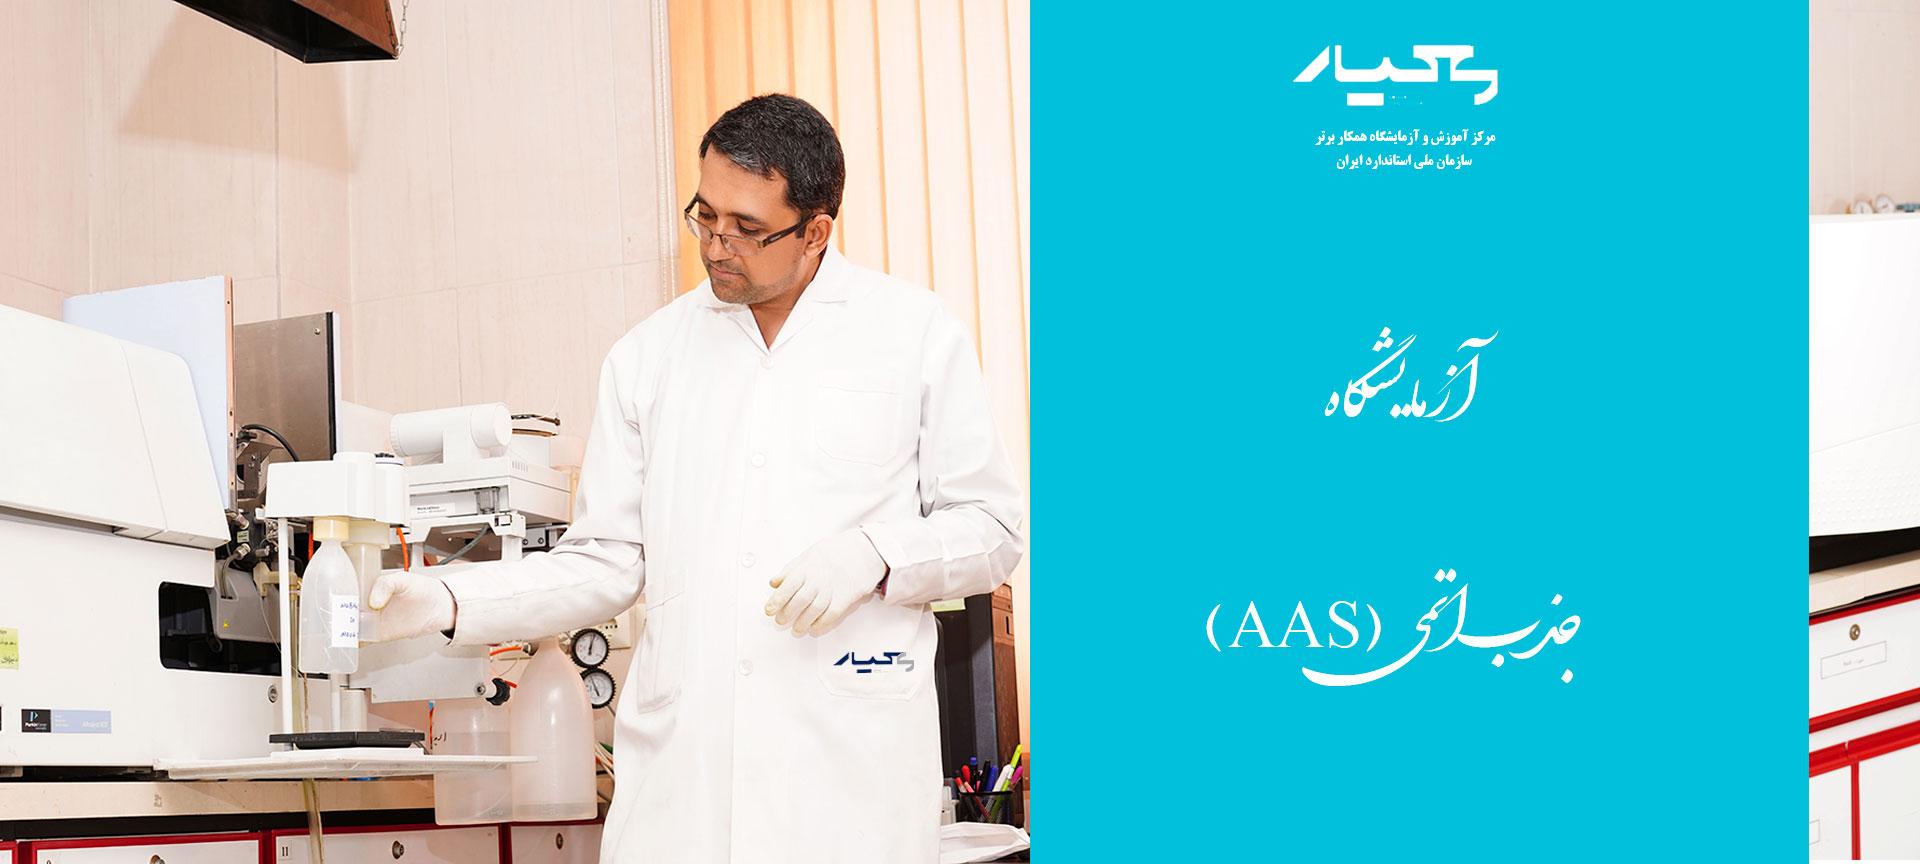 آزمایشگاه جذب اتمی (AAS)